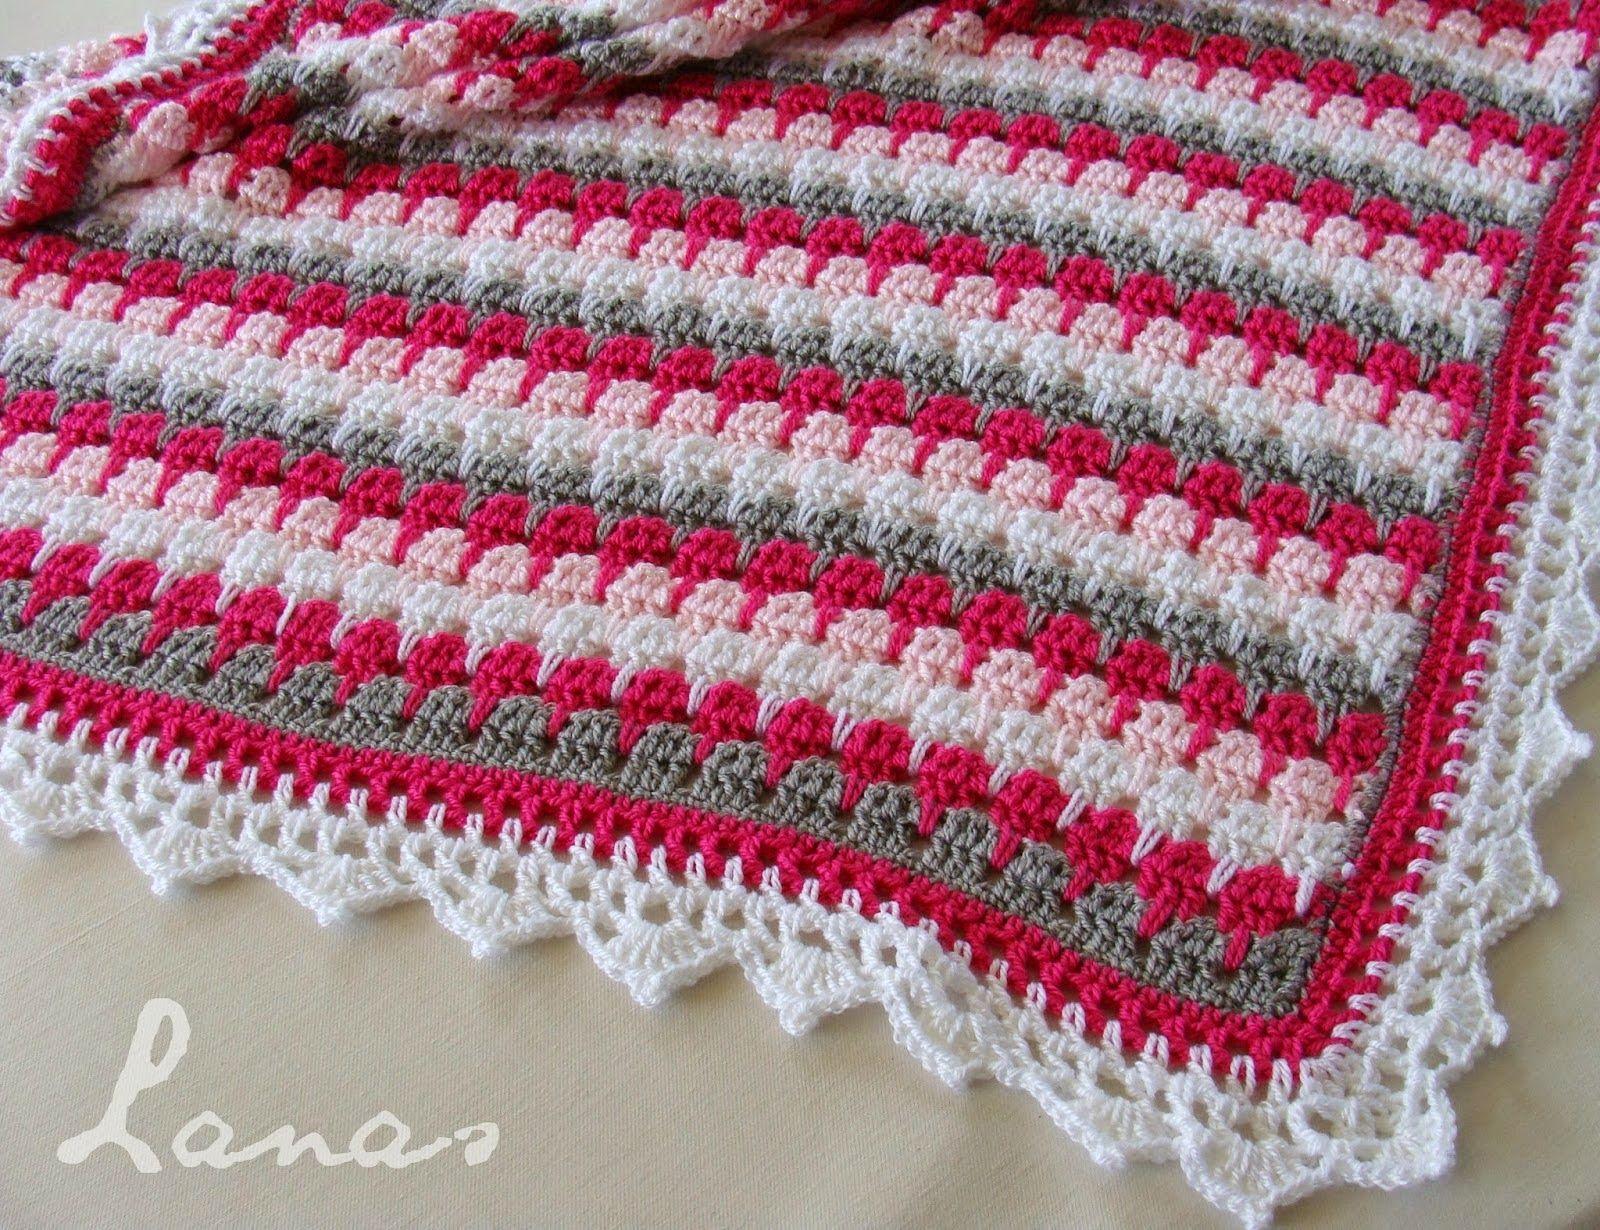 La Magia del Crochet: Mantas patrones gratis | Projects to Try ...